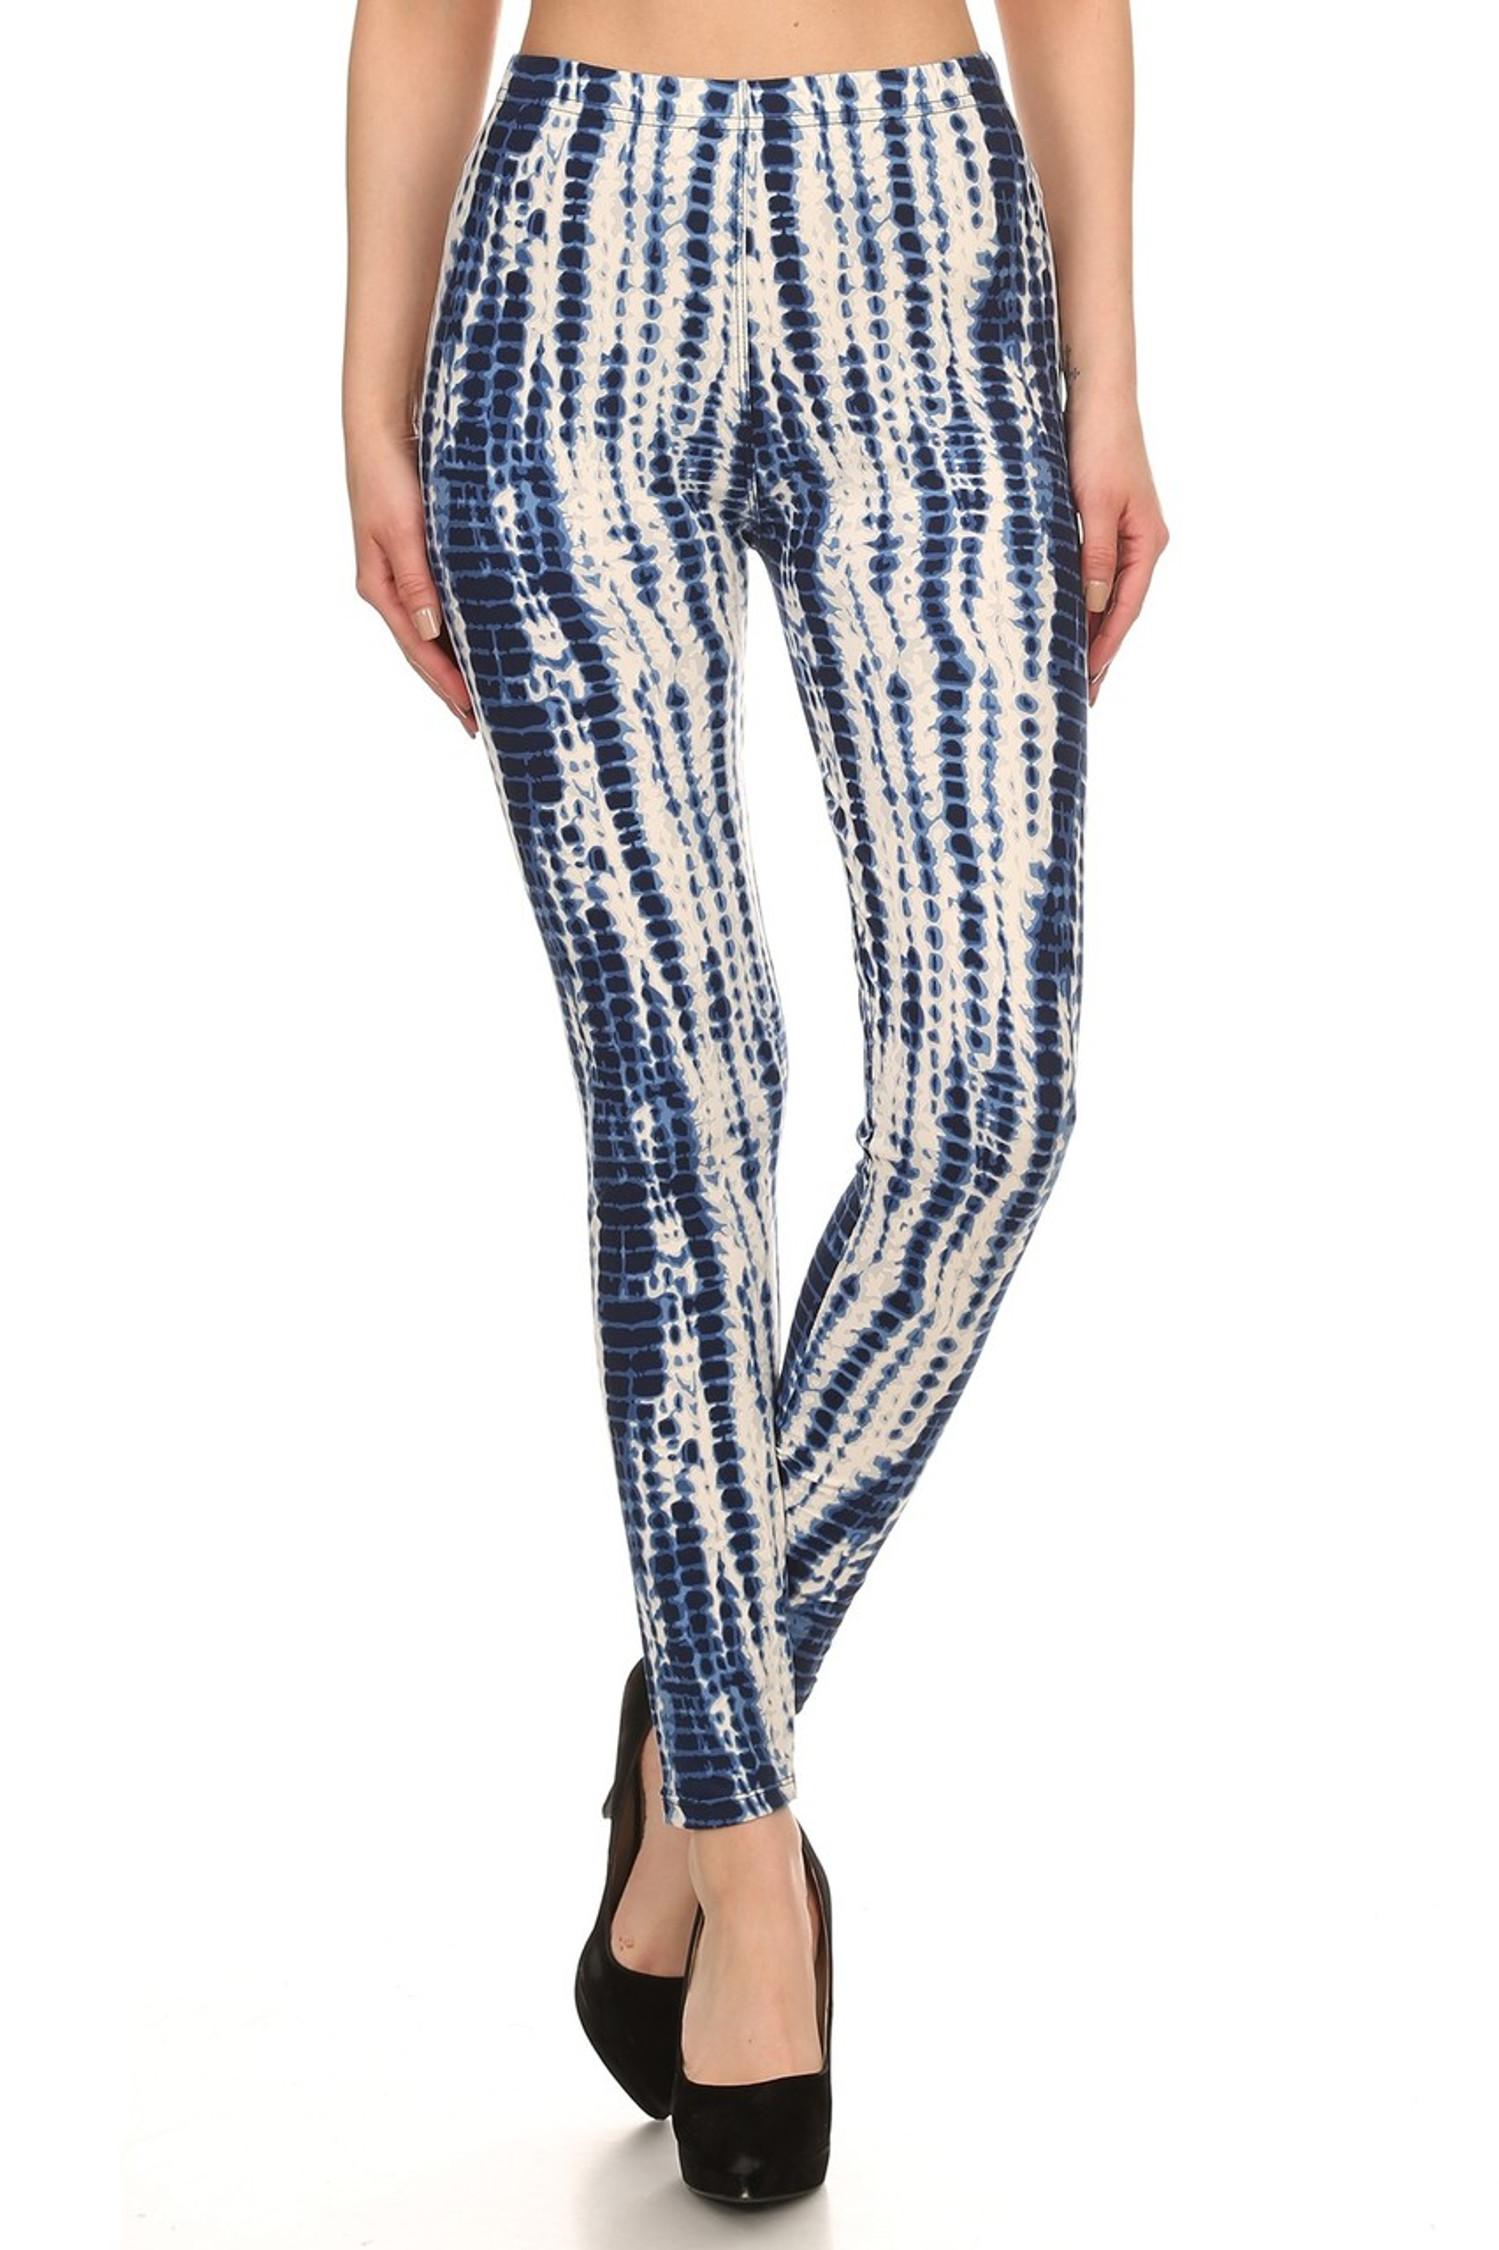 Brushed Vertical Blue Tie Dye Leggings